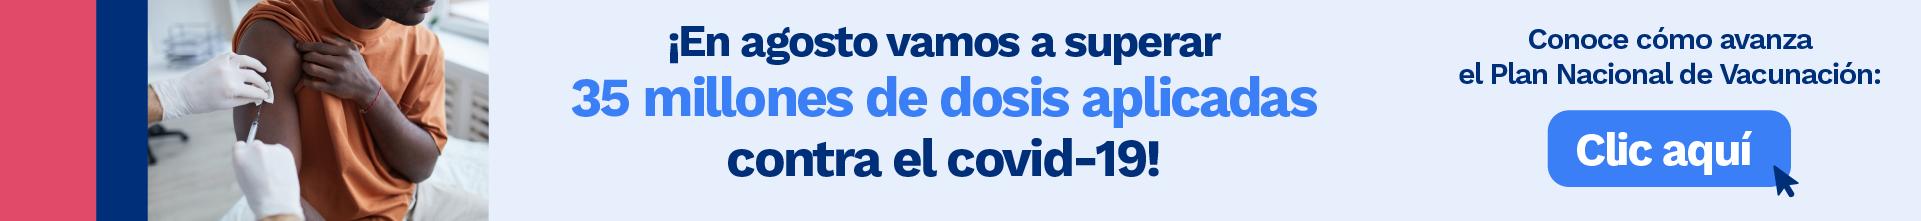 En Agosto vamos a superar los 35 millones de dosis aplicadas contra el Covid-19